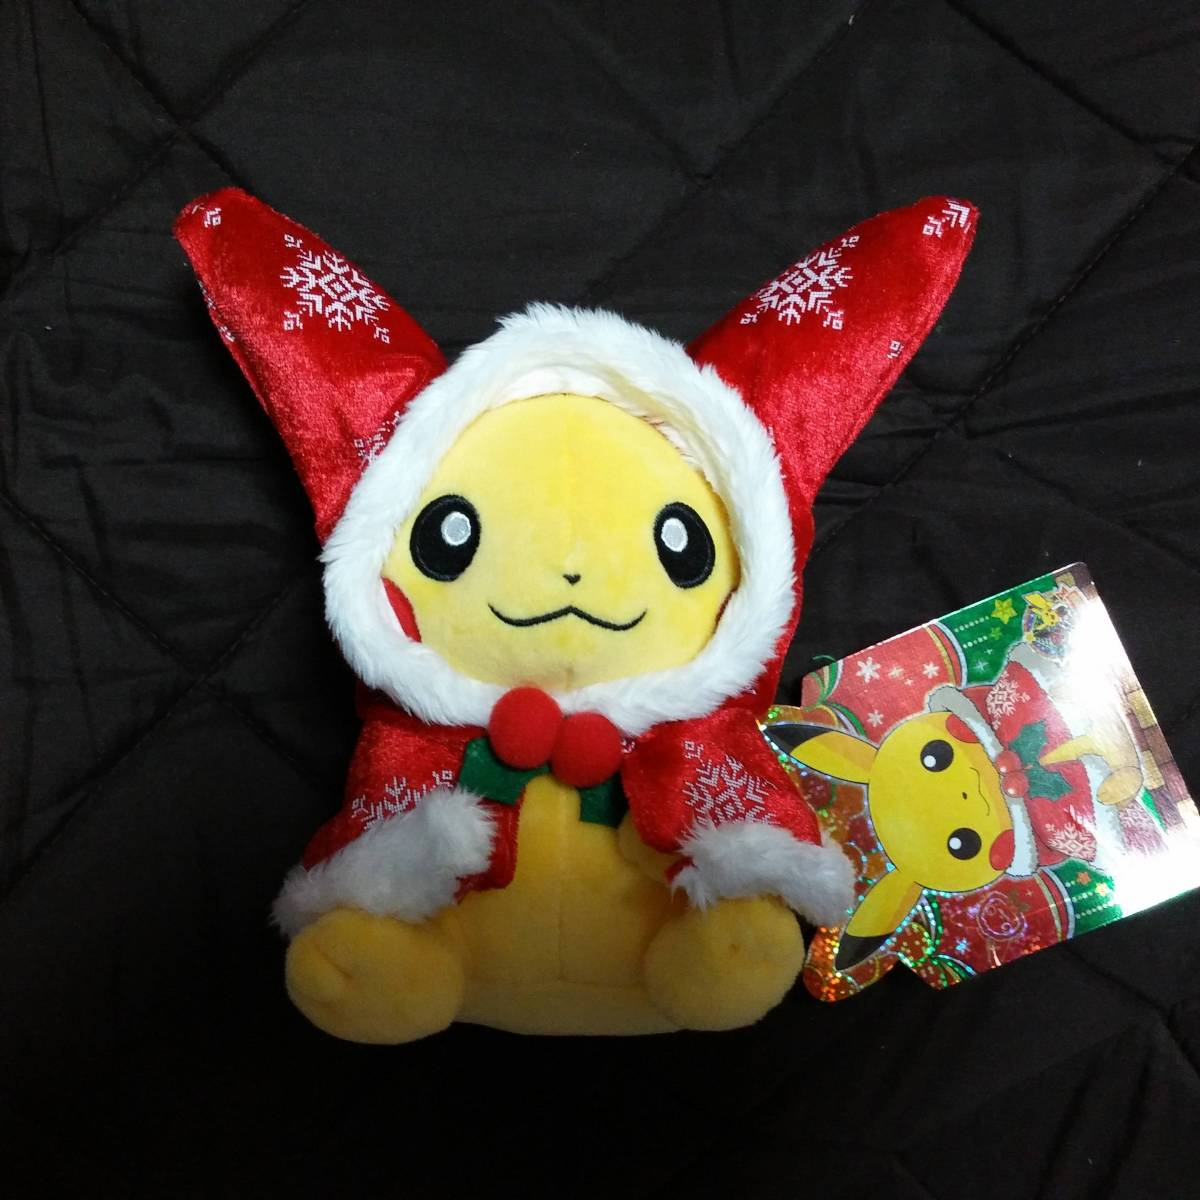 ポケモンセンター限定 ピカチュウ ぬいぐるみ クリスマスイルミネーション 2015 グッズの画像